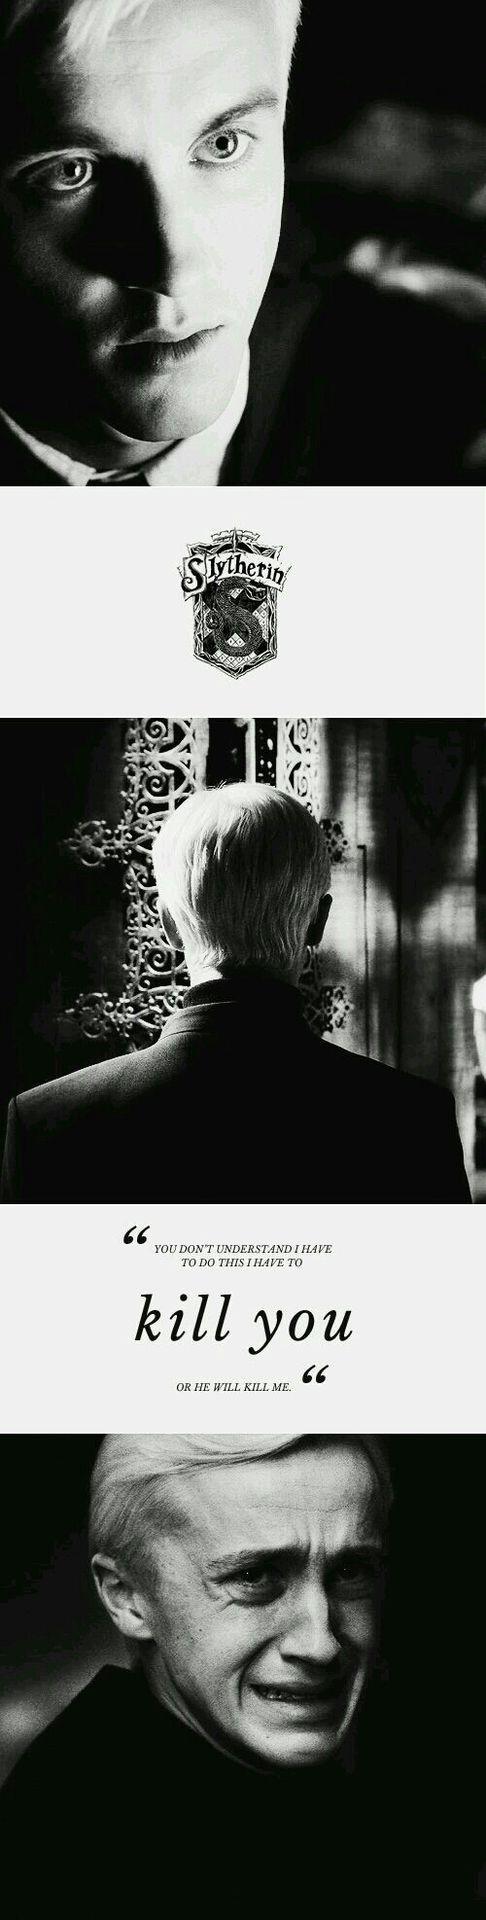 #wattpad #fanfic One Shots Harry Potter  ◤❀ σs нєcнσs ρσя мı. ❀тσ∂σs łσs ∂єяєcнσs яєsєяѵα∂σs. ✿ηα∂α ∂є cσρıαs ηı α∂αρтαcıσηєs.◢ #494 en fanfic 24/11/2016 #37 en fanfic 25/01/2017 #24 en fanfic 01/02/2017